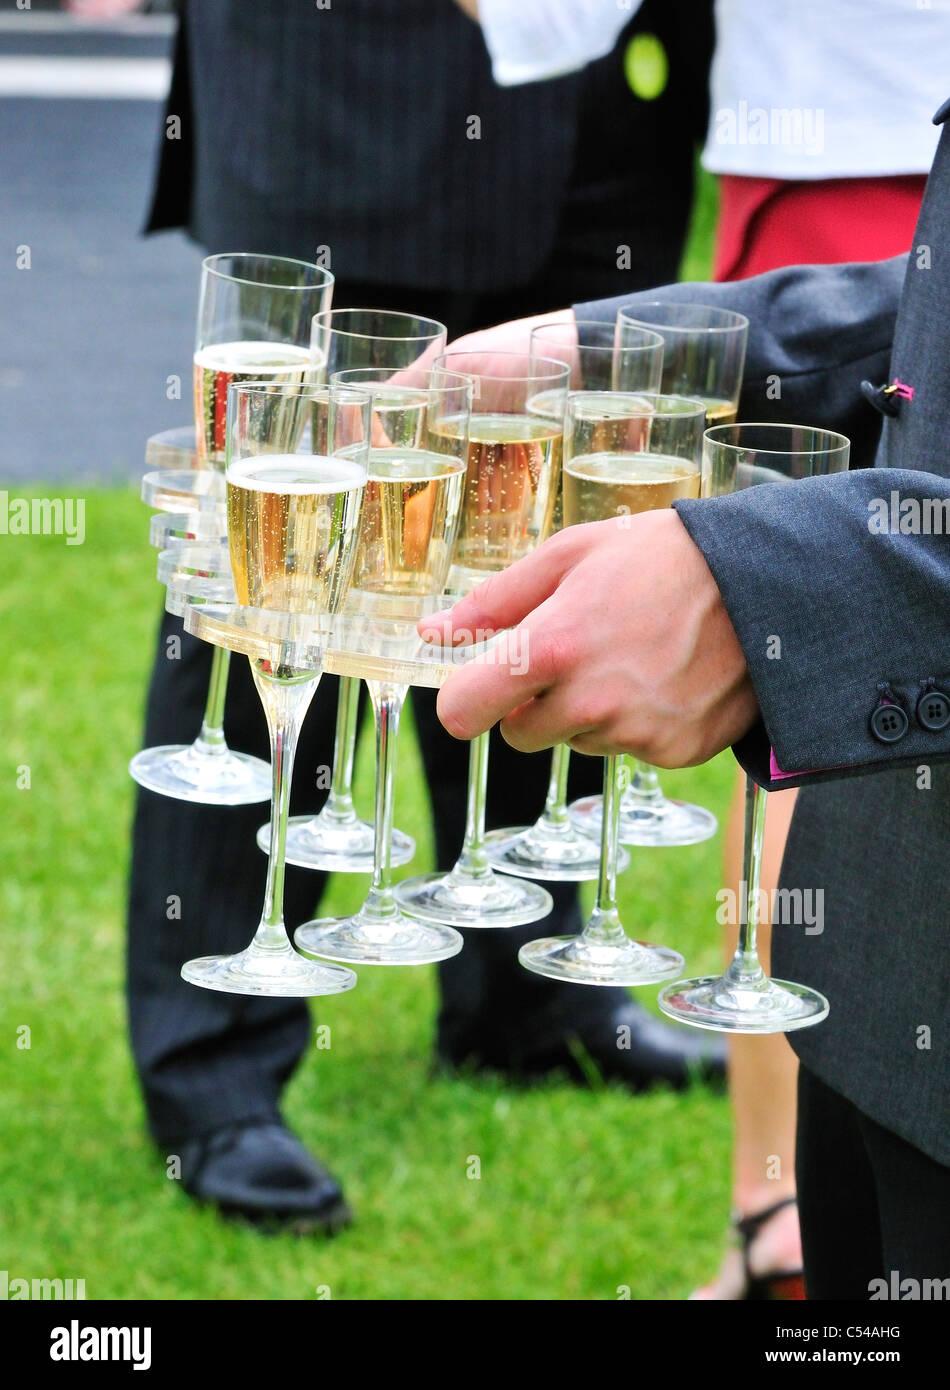 Homme portant des verres de champagne dans une zone de tentes hospitalité sponsors au Henley Royal Regatta, Henley Banque D'Images